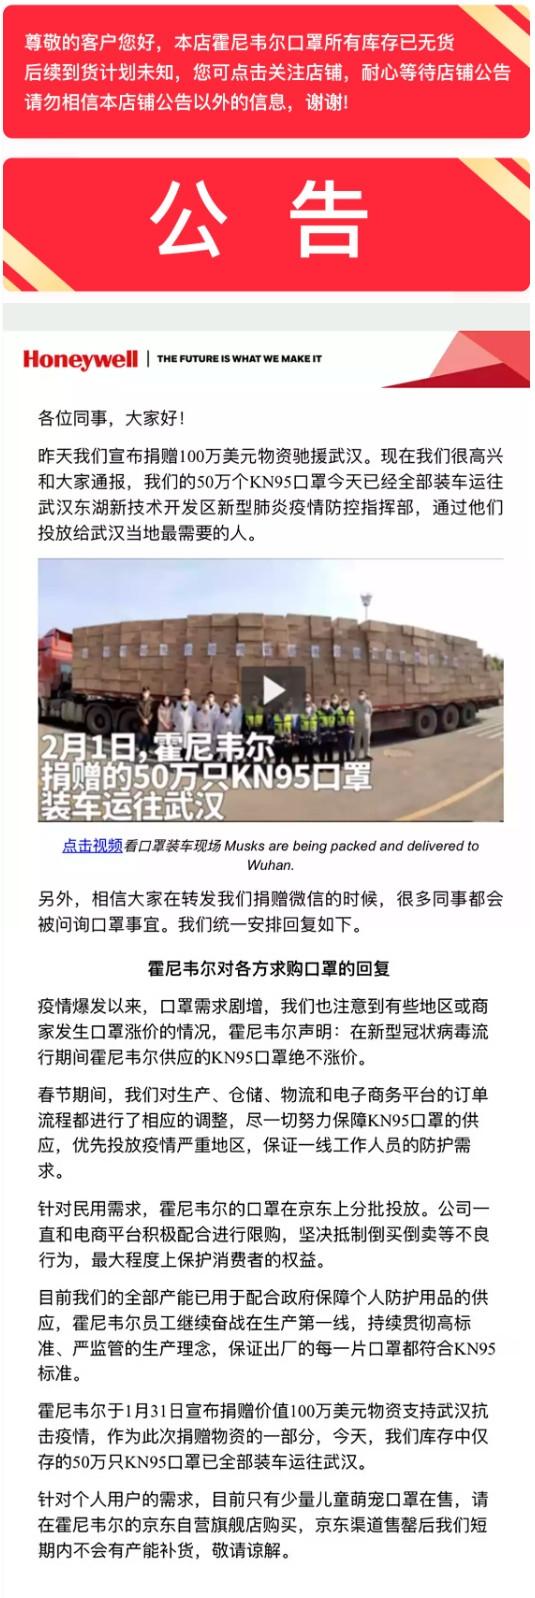 霍尼韦尔:库存仅存的50万只KN95口罩已一切运去武汉 给最必要的人